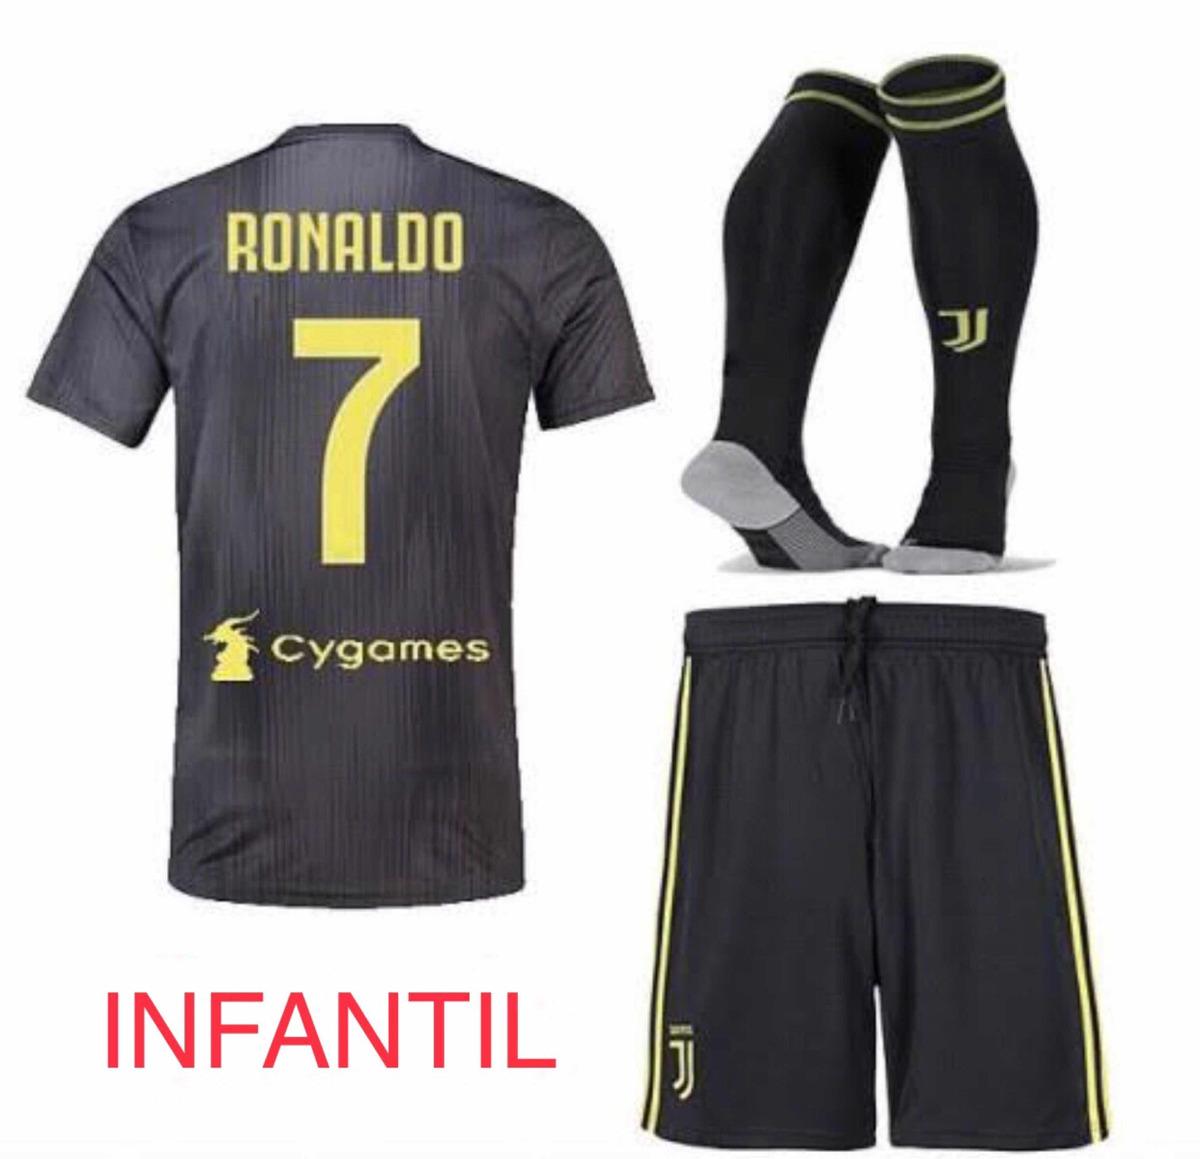 bca0e34c47504 uniforme 3 infantil juventus cristiano ronaldo cr7 original. Carregando zoom .